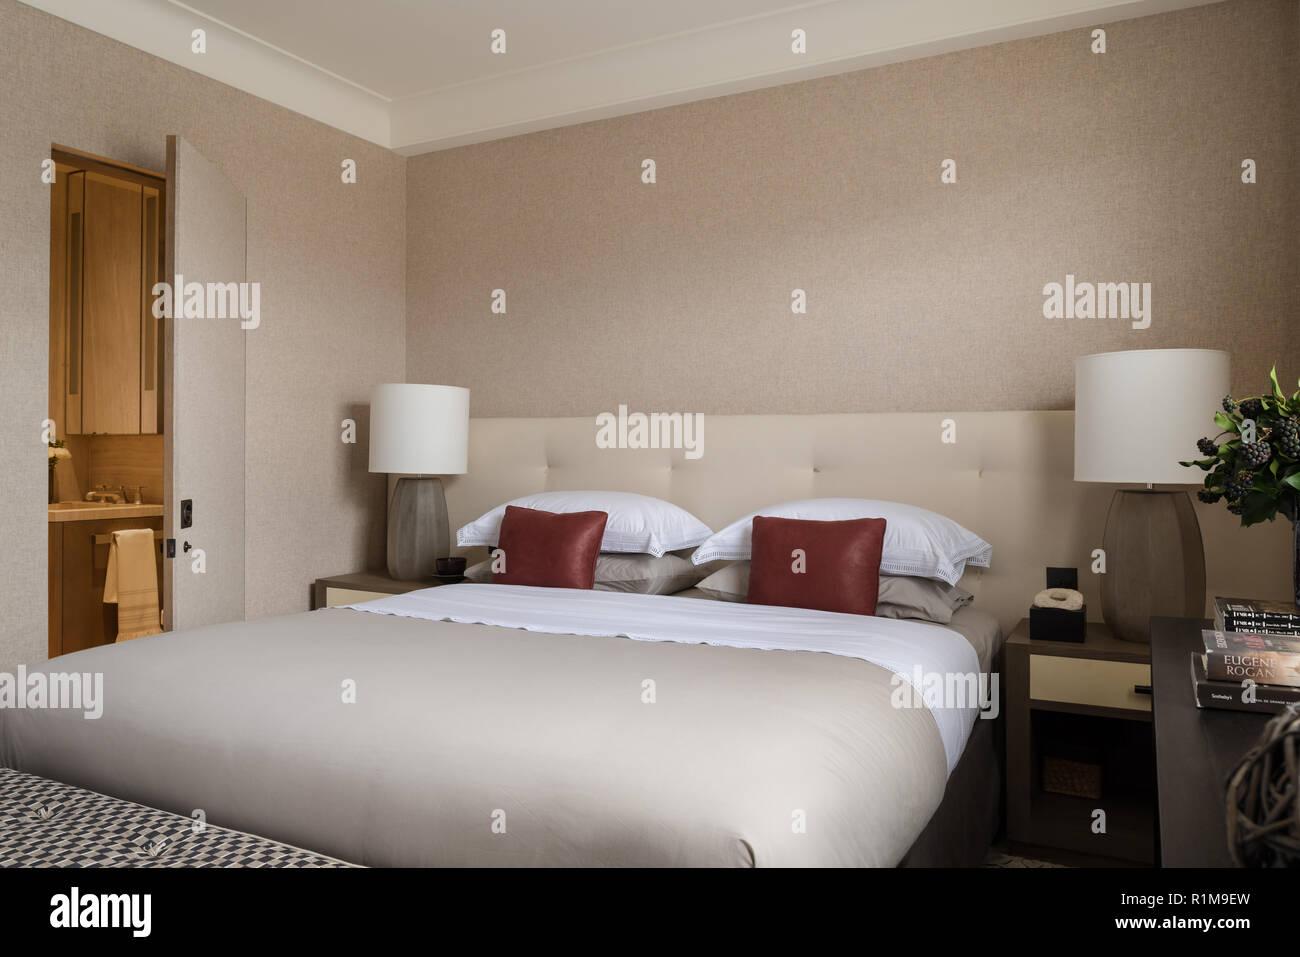 Chambres Modernes | Chambres à Coucher Modernes Meubles Moens